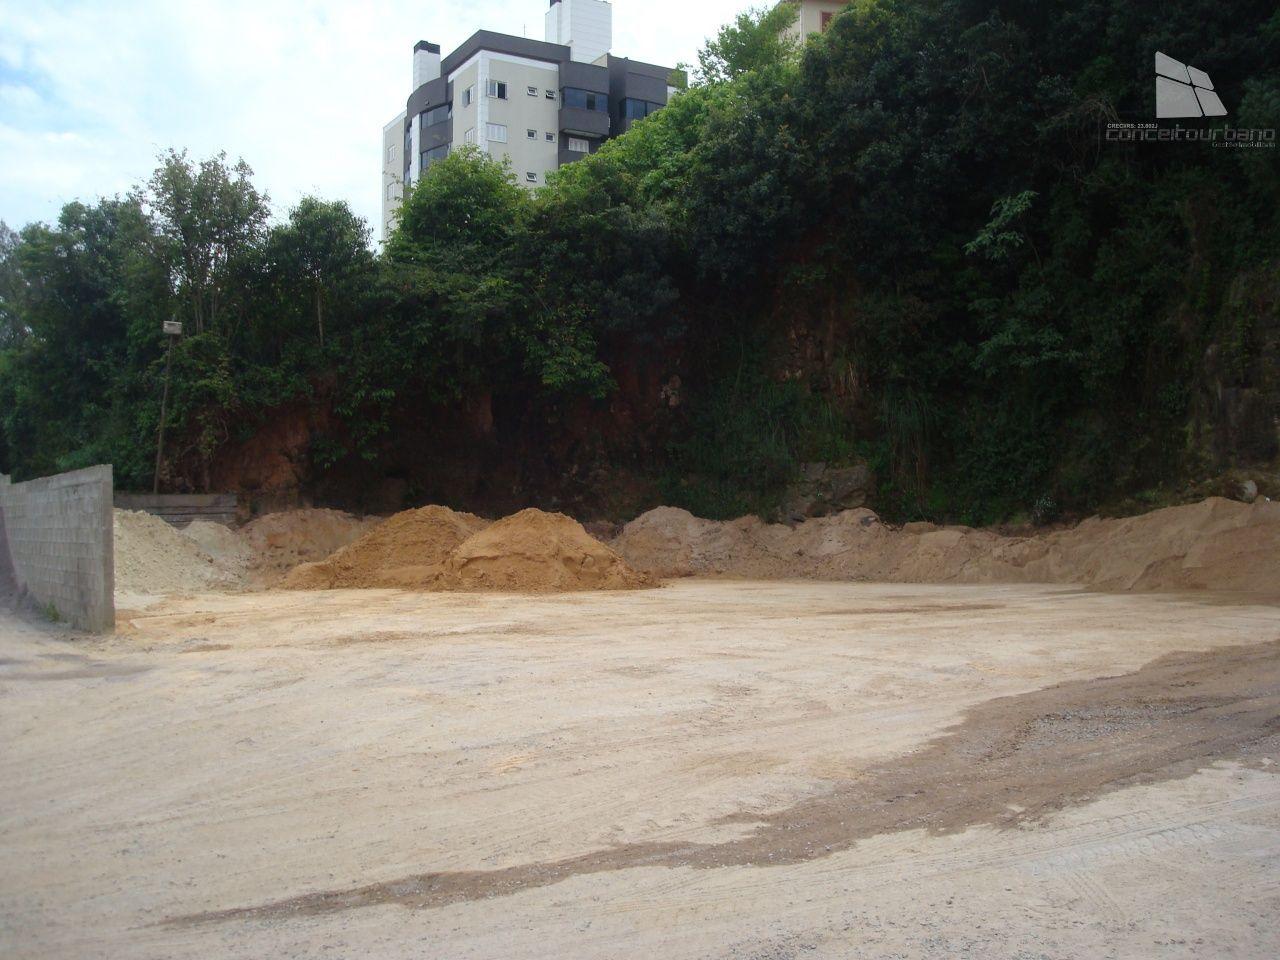 Terreno/Lote à venda, 1.080 m² por R$ 2.000.000,00